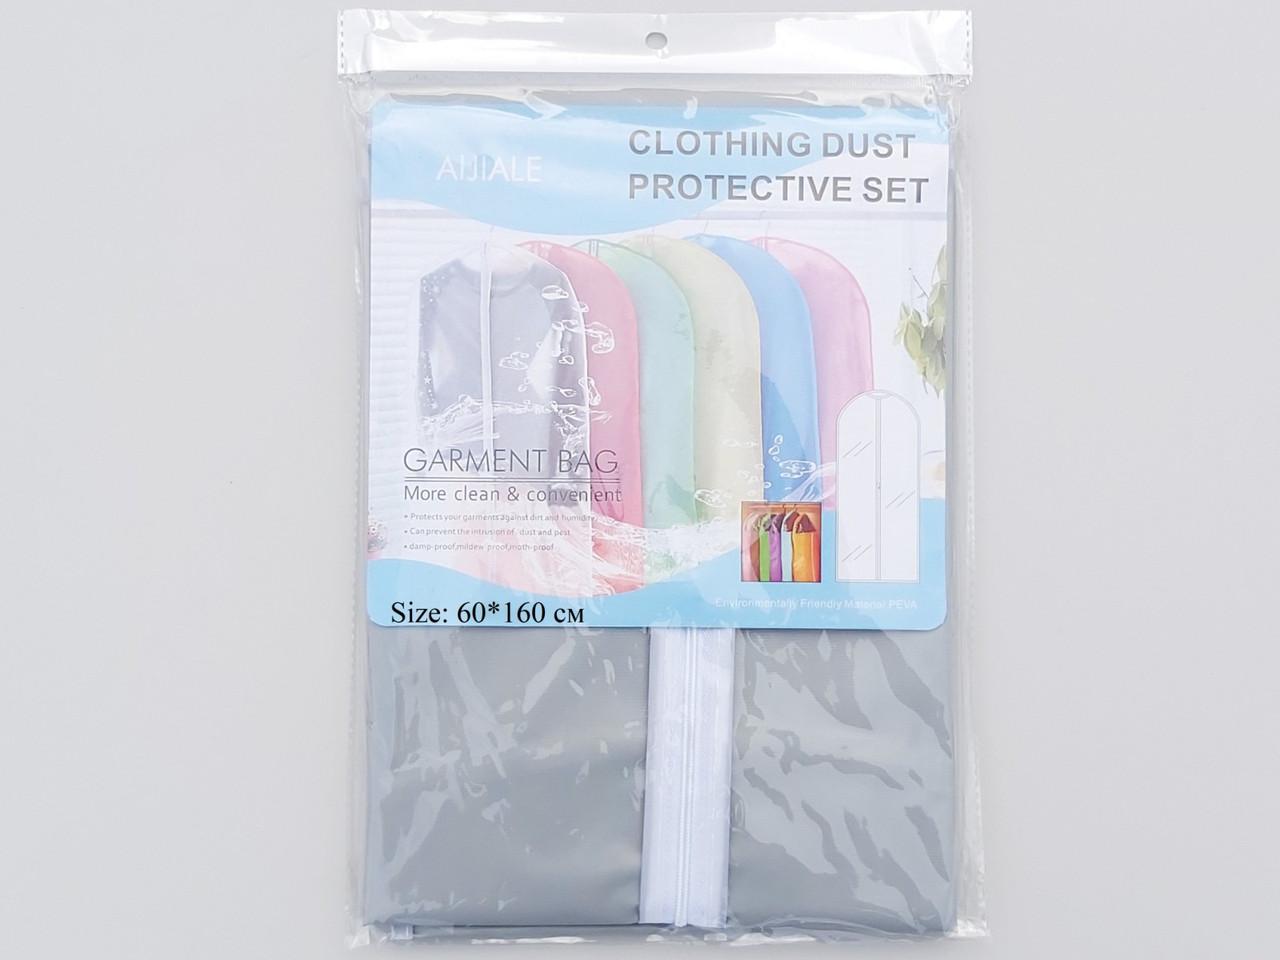 Чехол для хранения одежды из плащевки серого цвета, размер 60*160 см